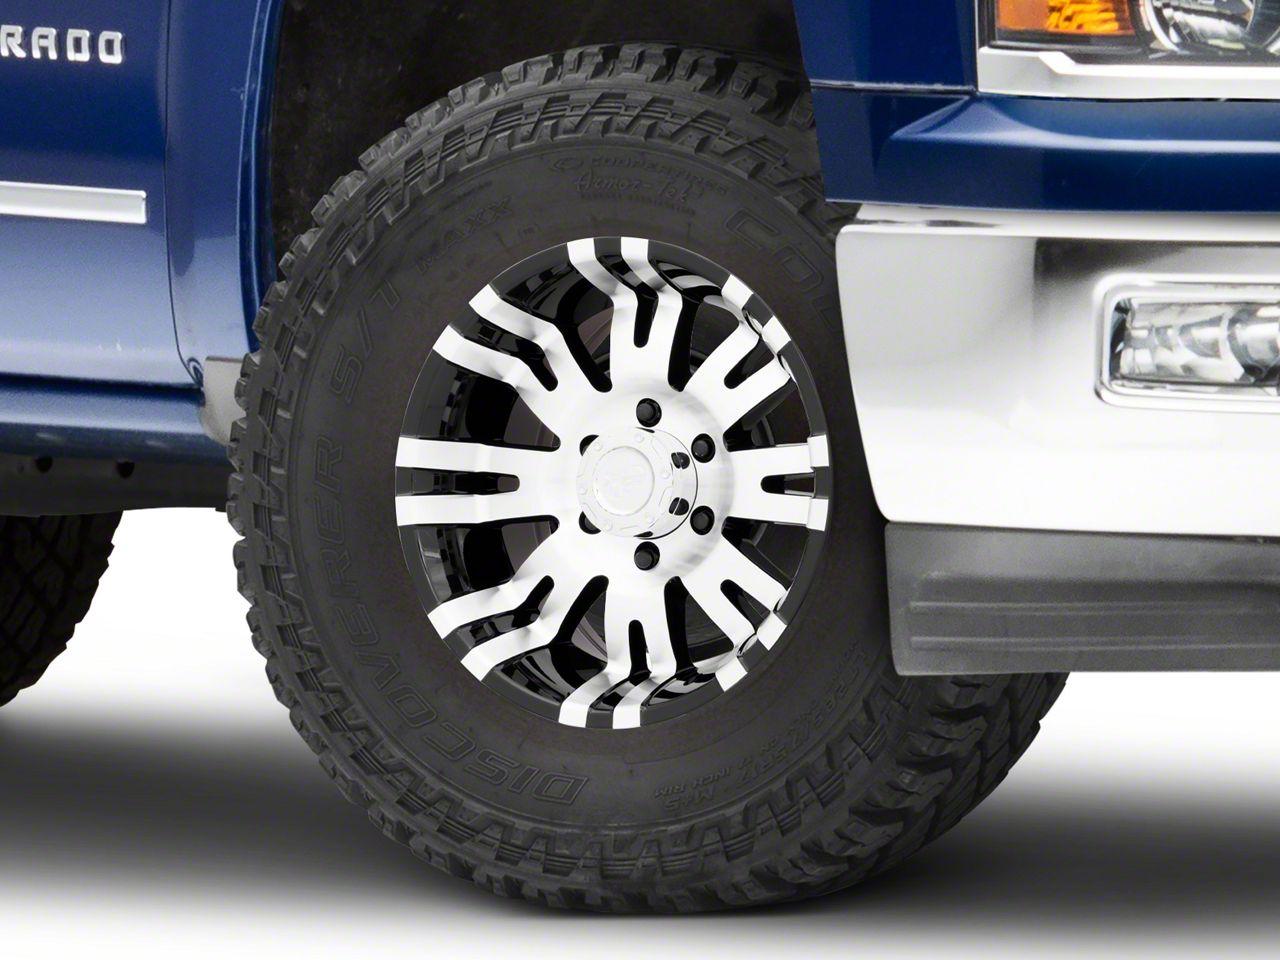 Pro Comp Series 8101 Gloss Black Machined 6-Lug Wheel - 17x8 (99-18 Silverado 1500)